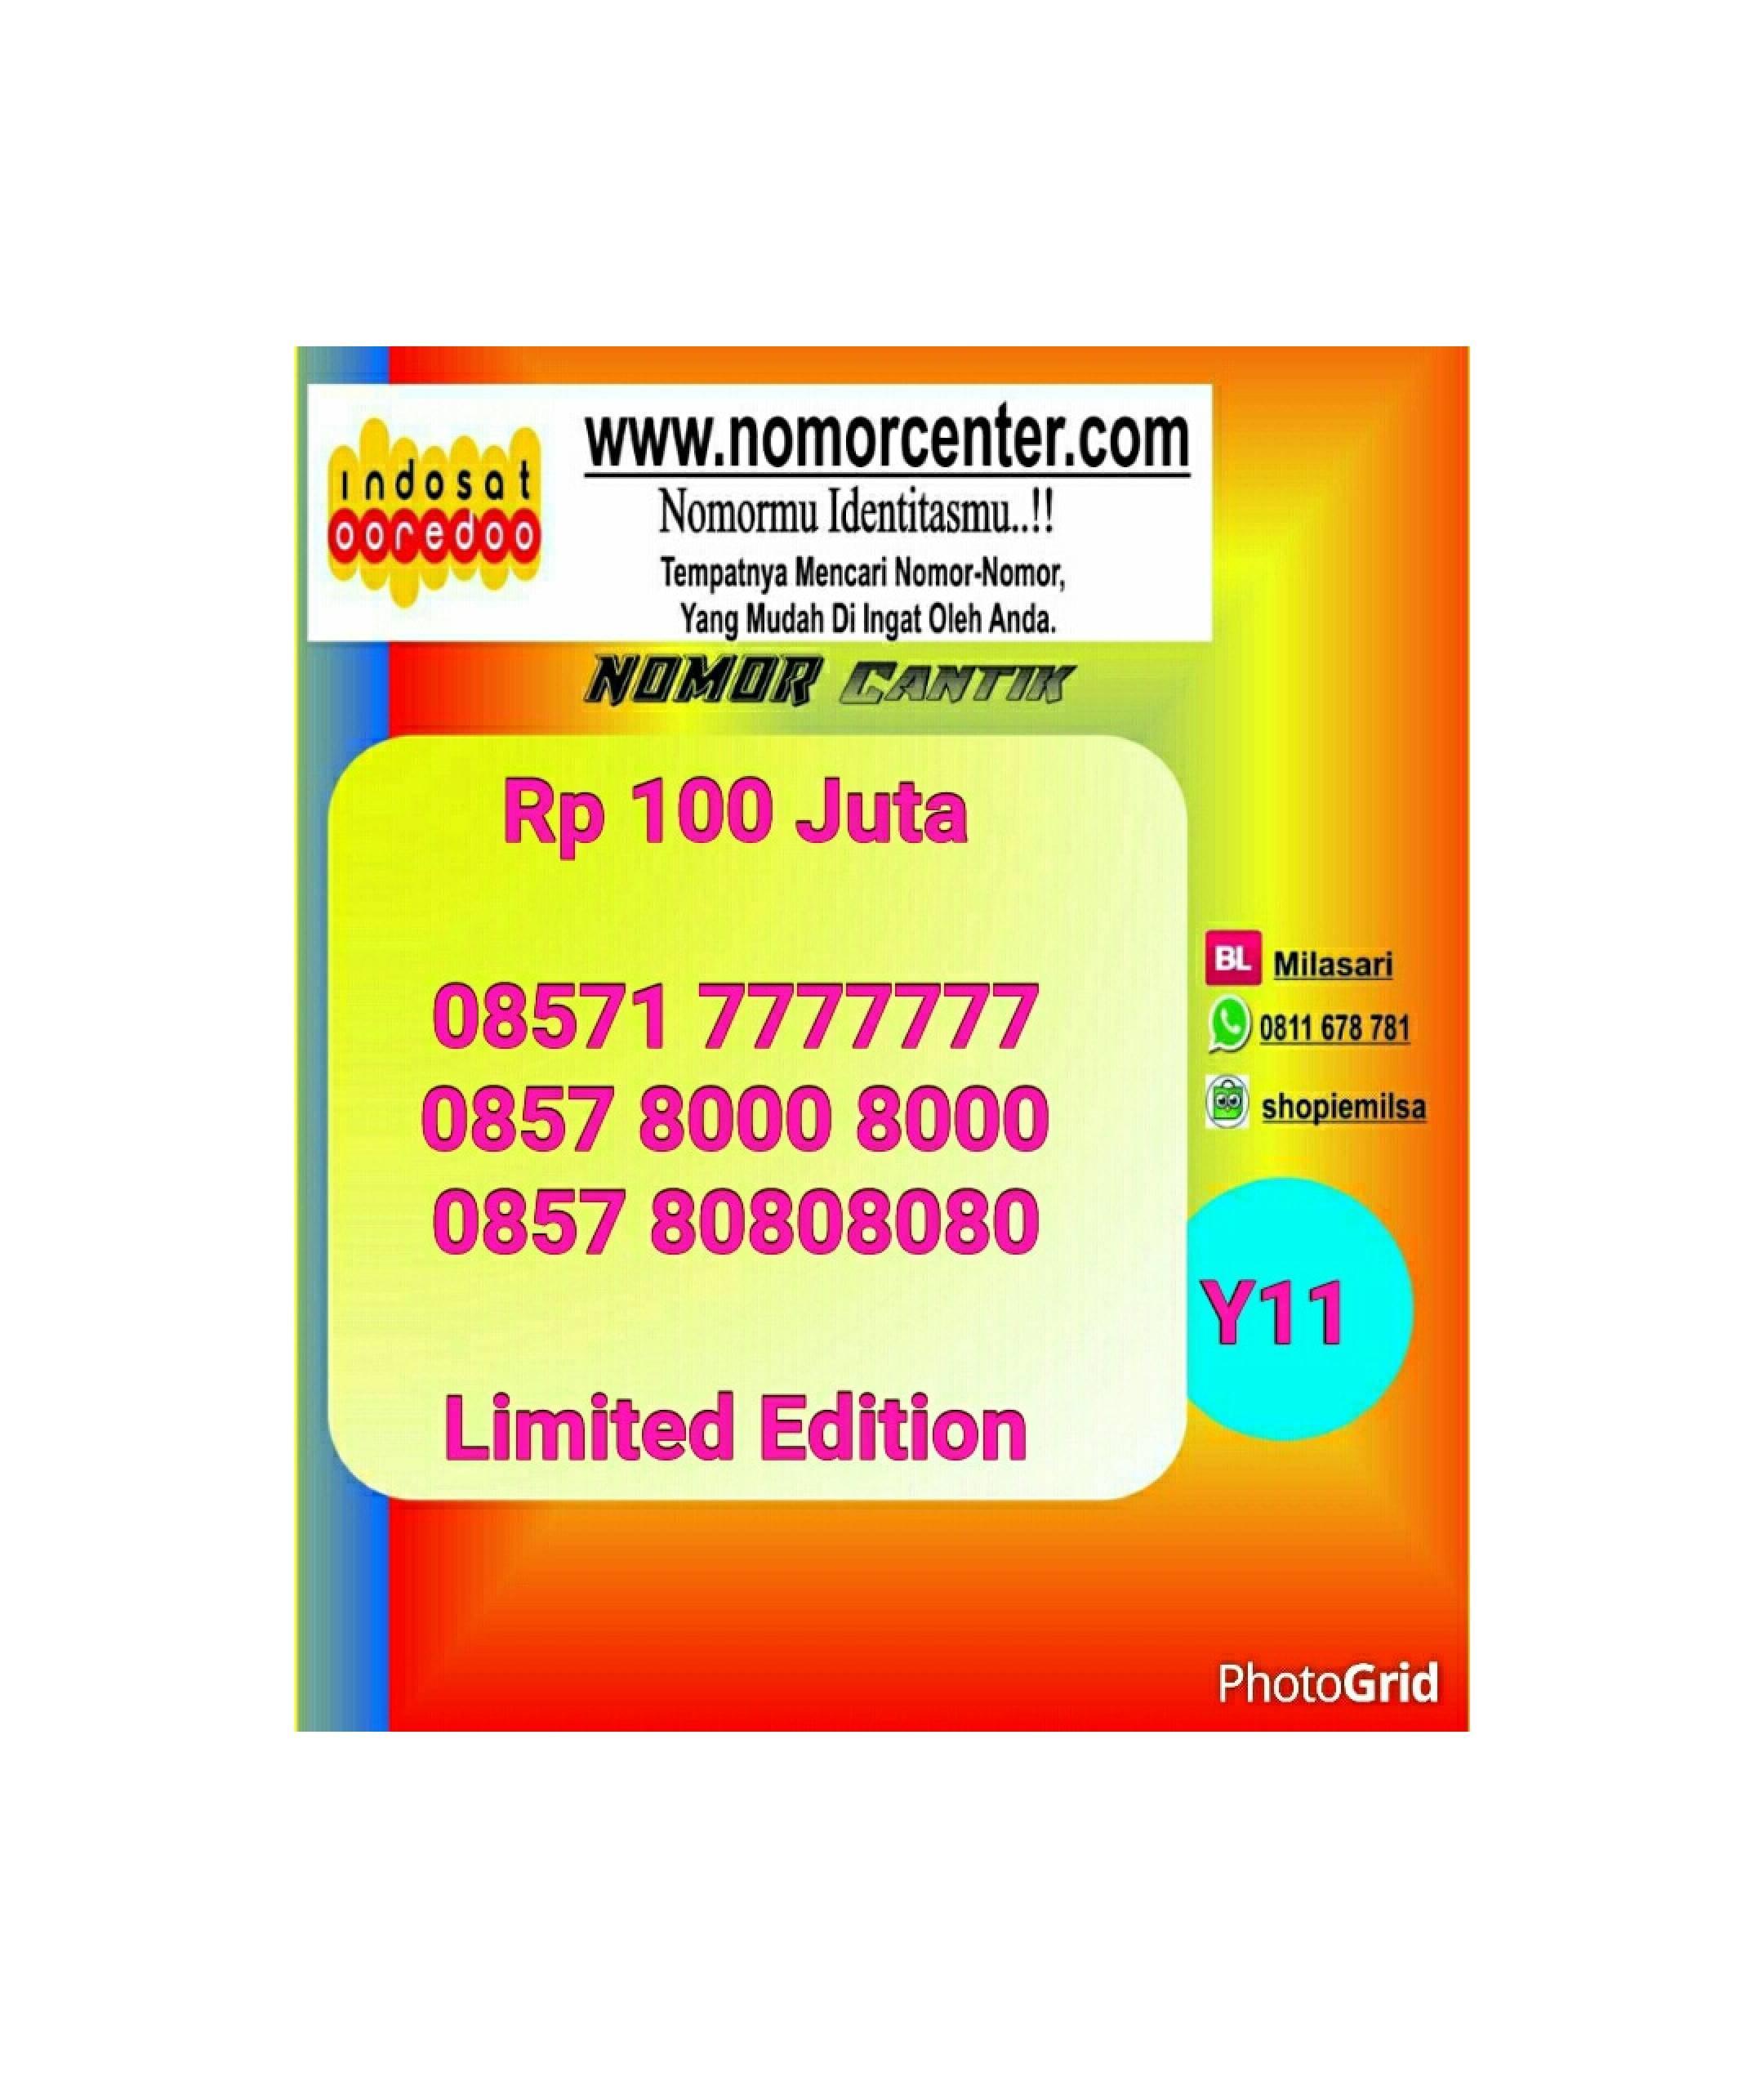 Nomor Indosat Im3 Seri Septa 7777777 - 08571 7777777 Simple #Y11 570